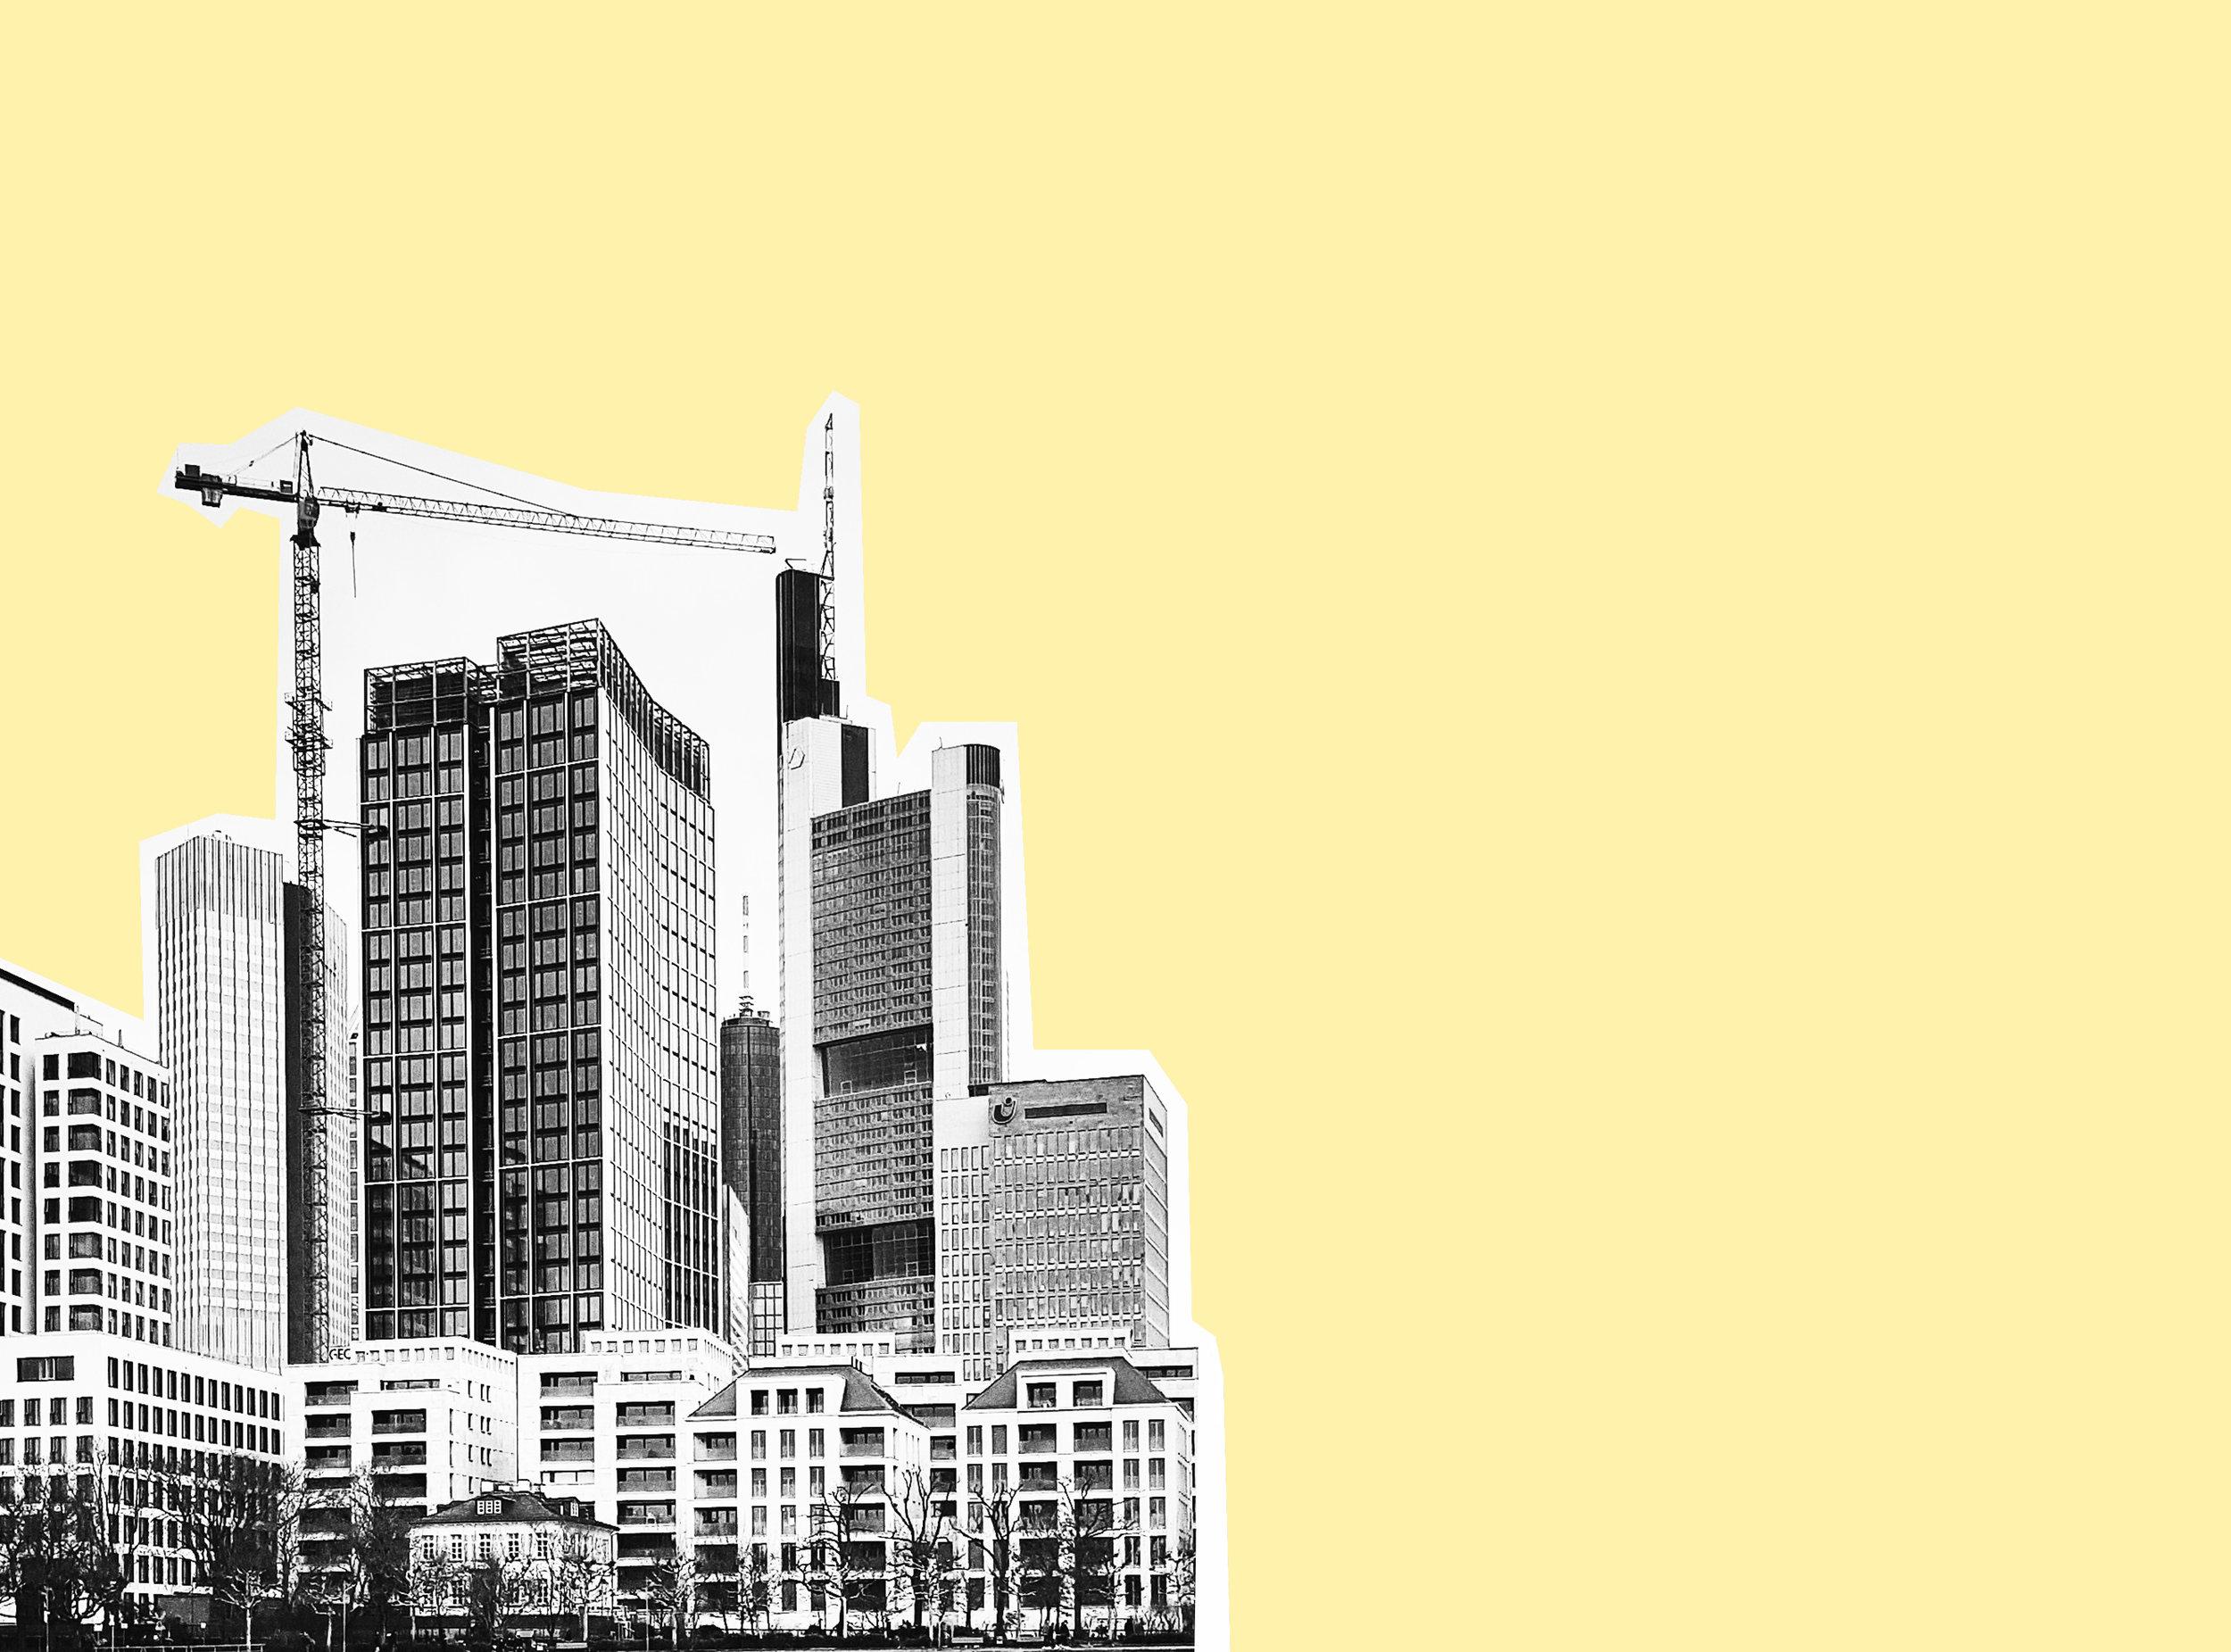 CONTABILITA' LAVORI - Eseguiamo la redazione integrale della contabilità di cantiere per lavori pubblici e privati, dallo stato di avanzamento lavori (SAL) fino al Conto finale di Liquidazione dei Lavori.